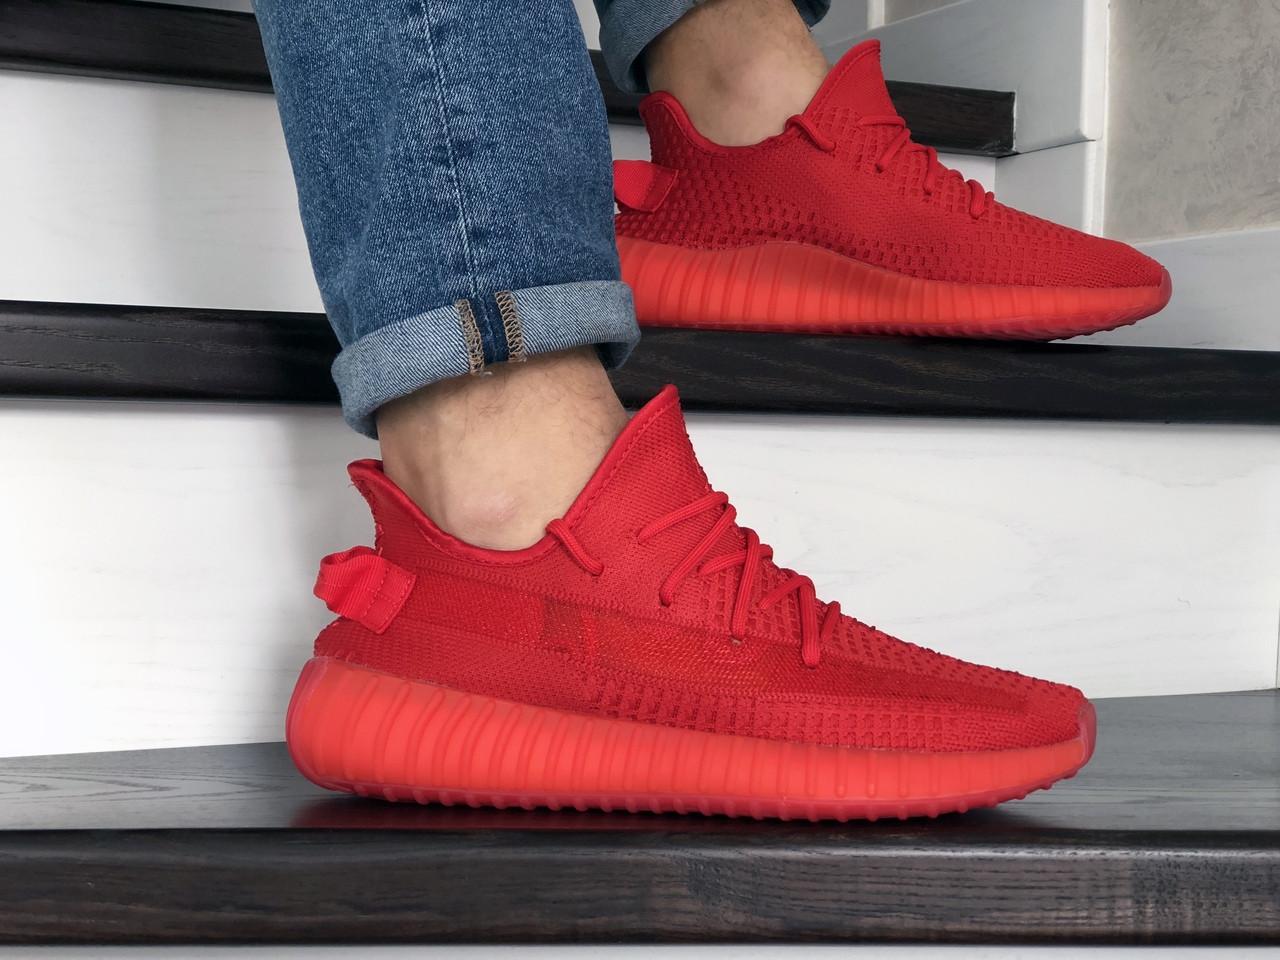 Модные кроссовки Adidas x Yeezy Boost,красные 41р